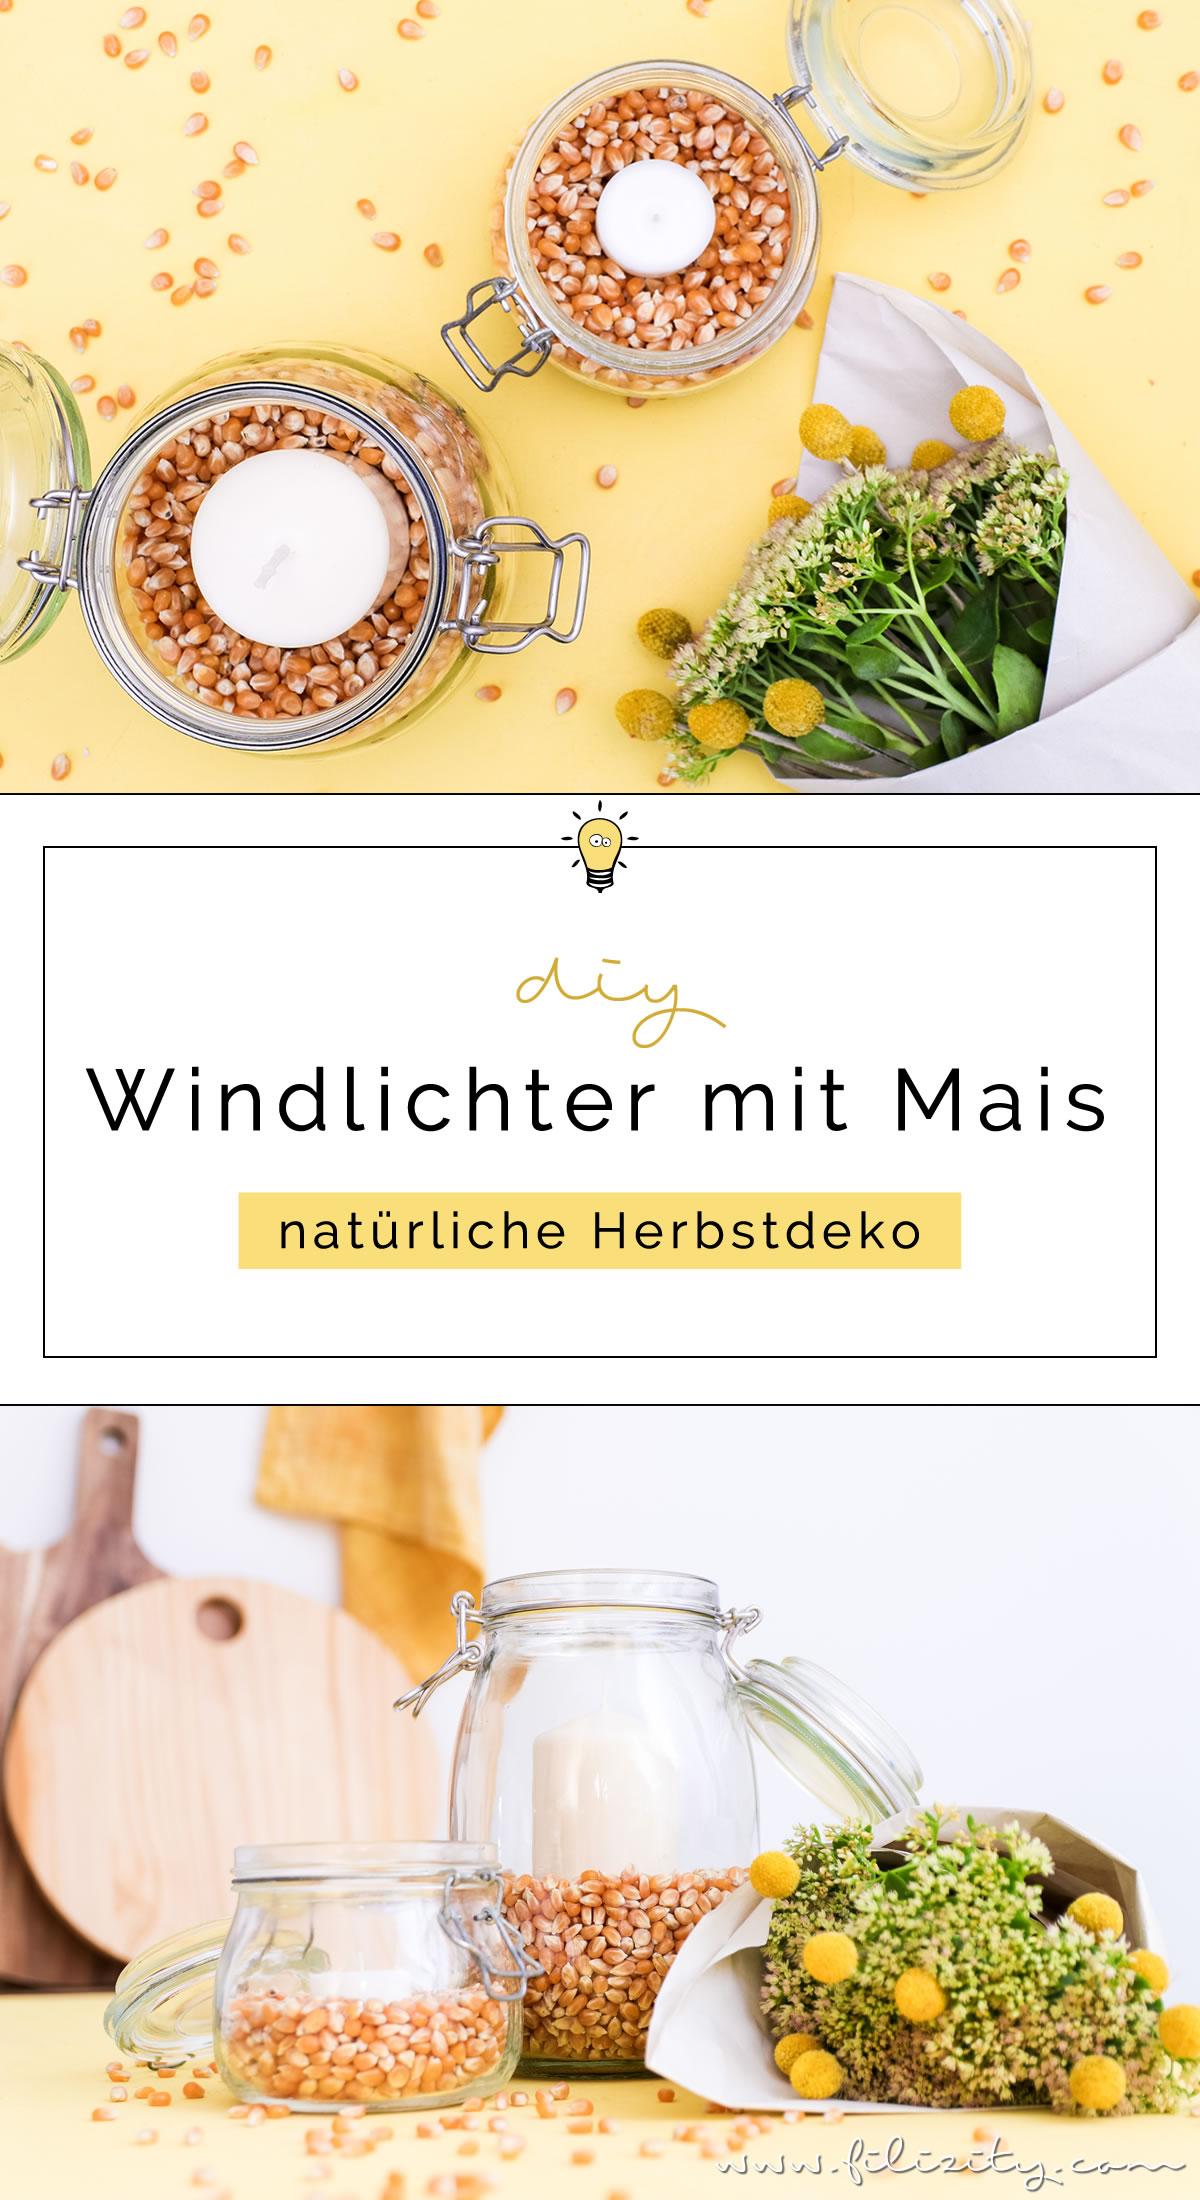 DIY Windlichter mit Maiskörnern - So kannst du natürliche Herbstdeko selber machen | Basteln mit Kindern | Filizity.com | DIY-Blog aus dem Rheinland #herbst #deko #natur